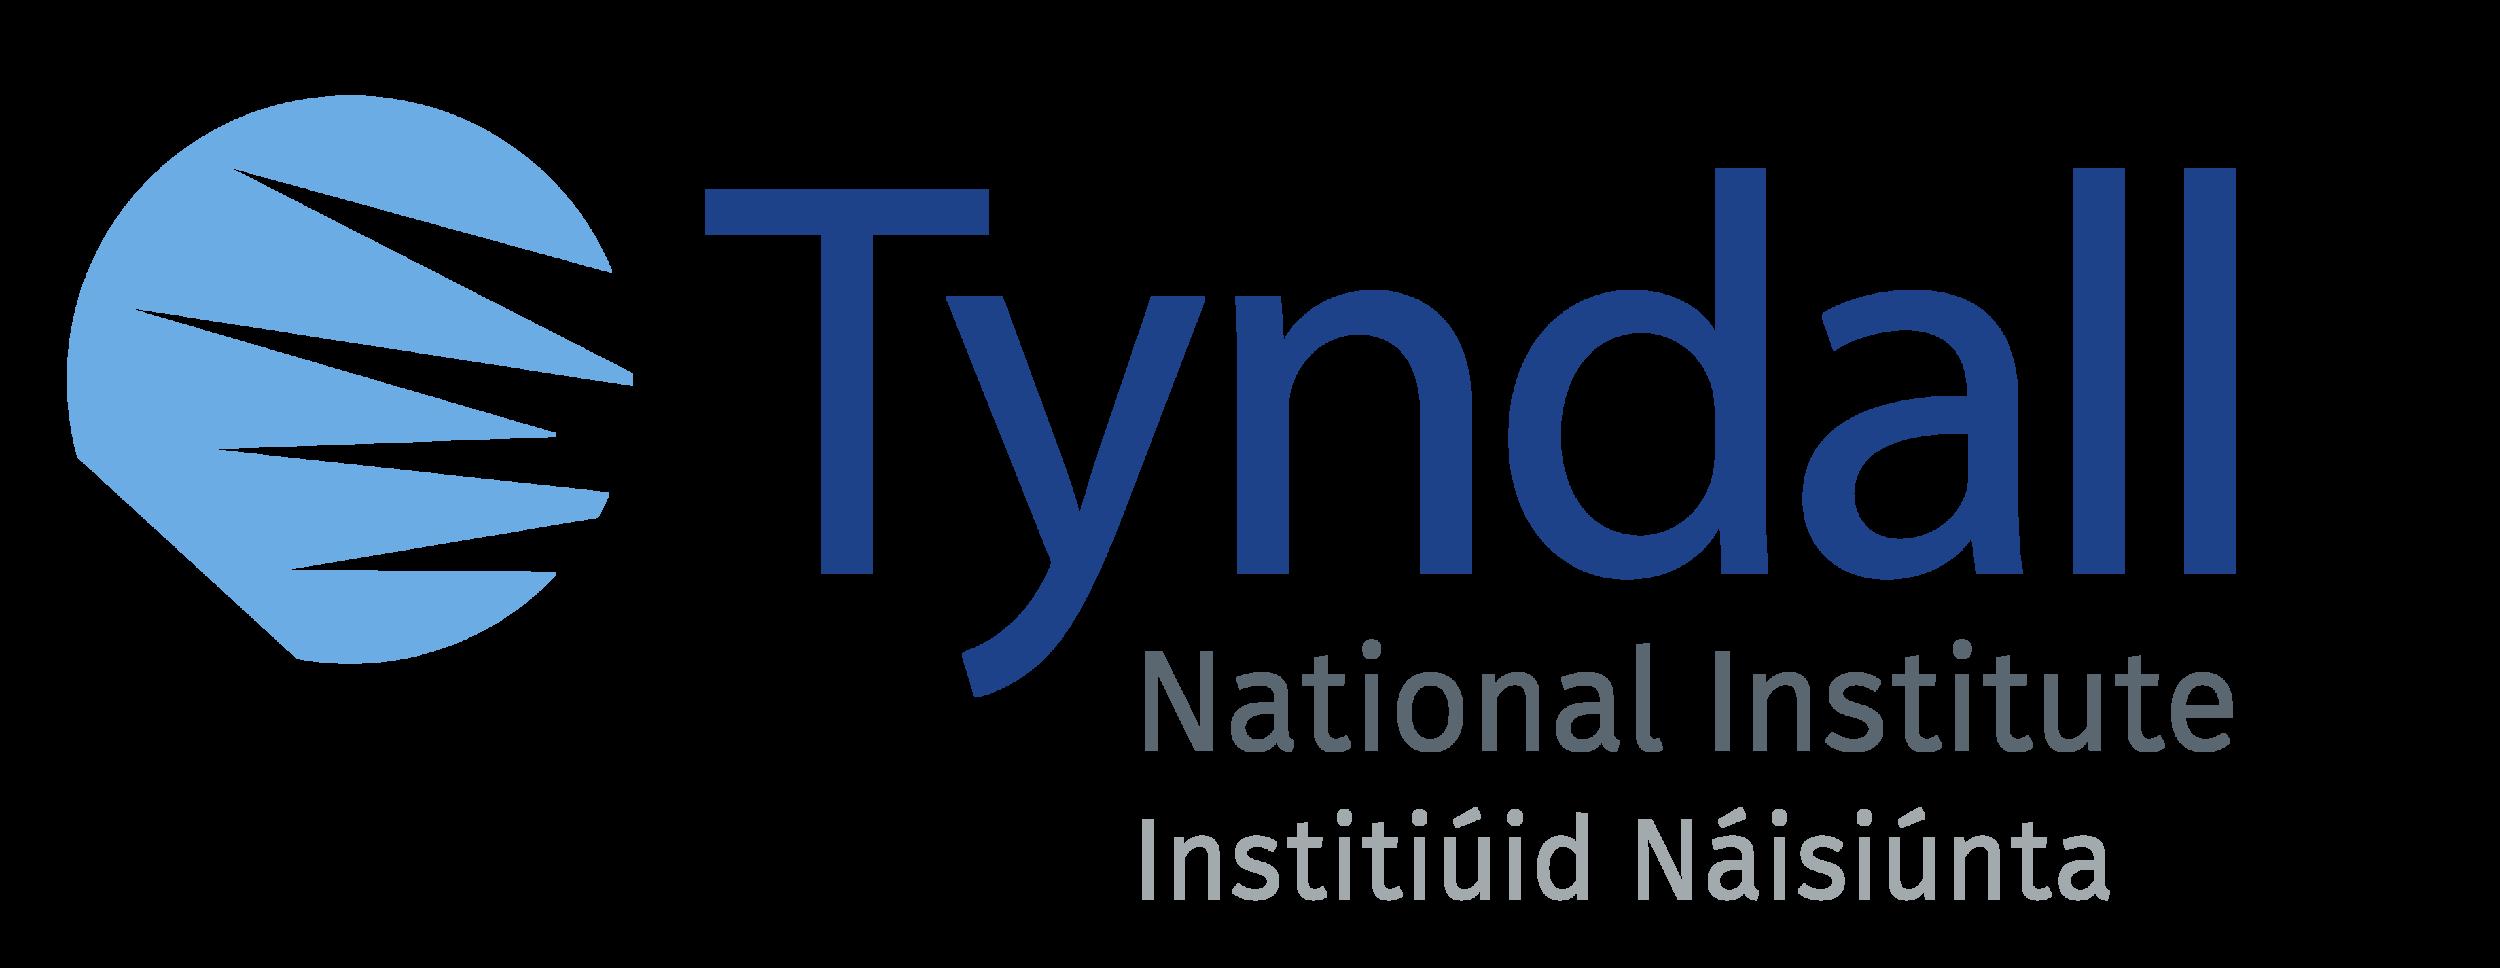 Tyndall-Logo-RGB-Large.png